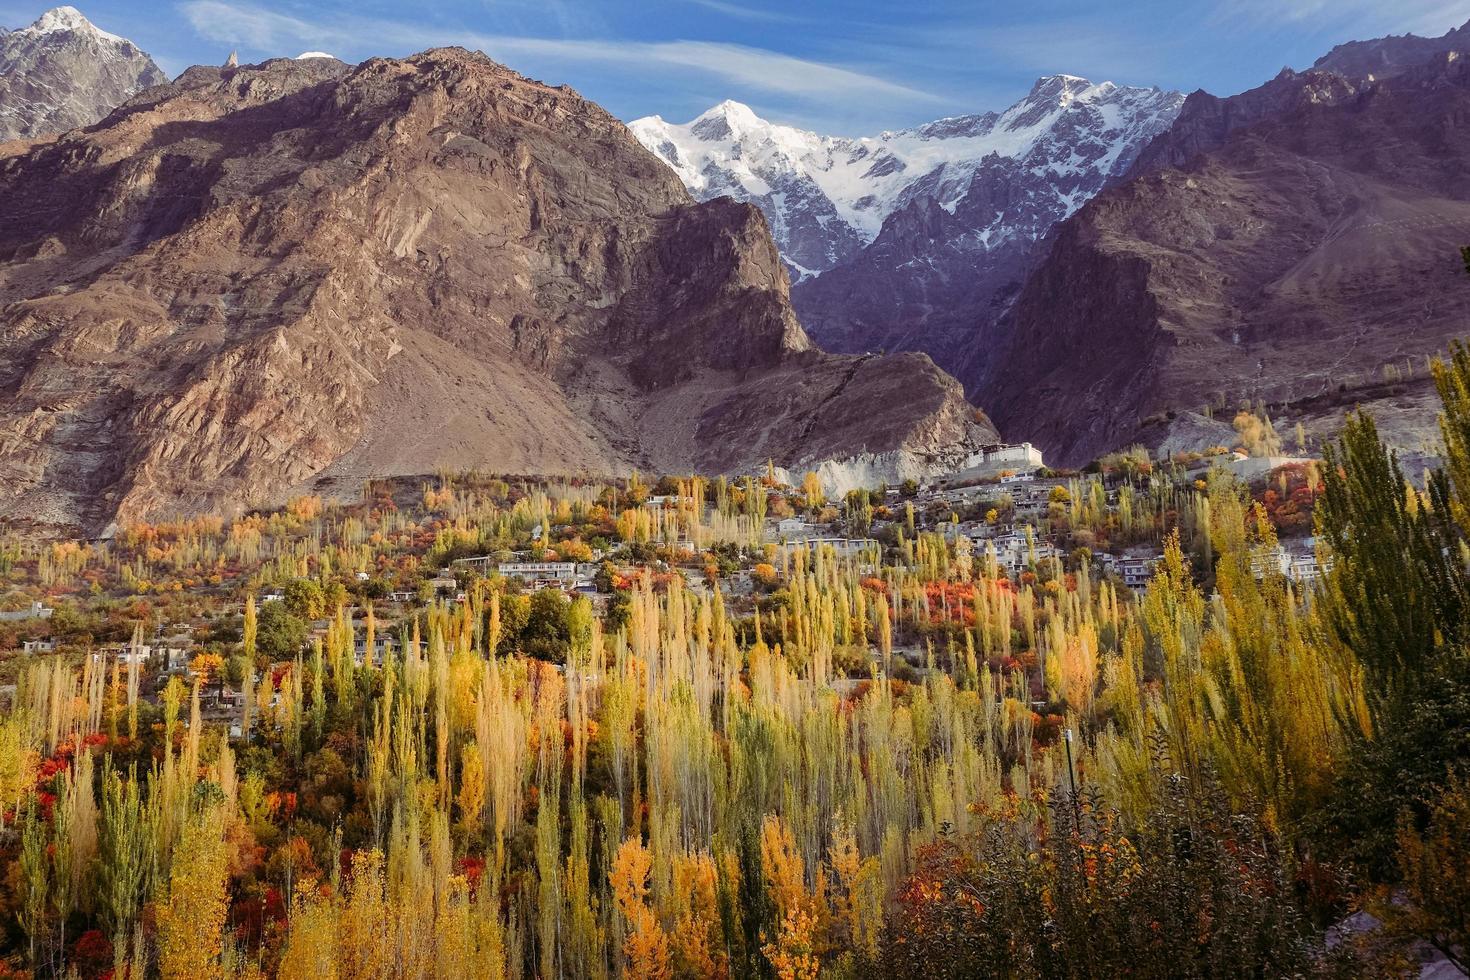 herfst scène in hunza vallei foto